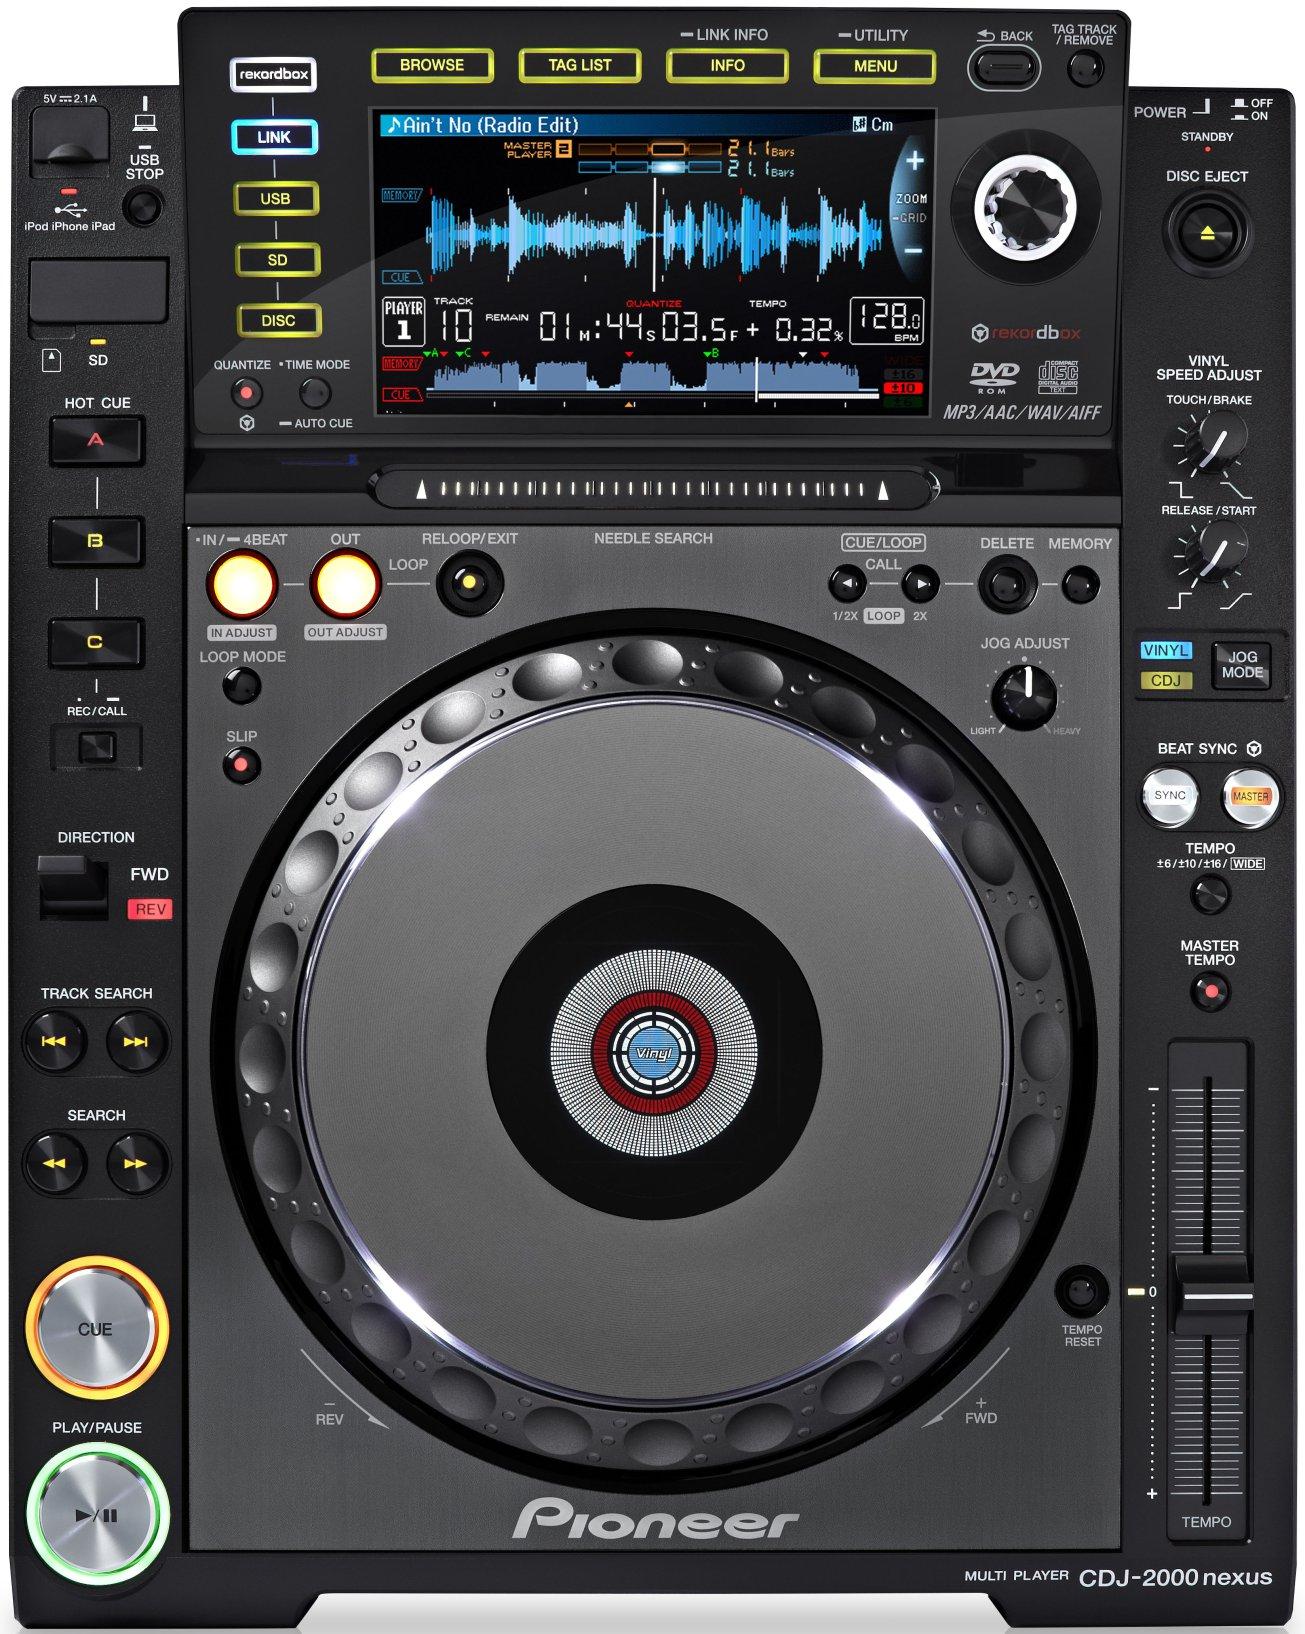 CDJ 2000 Nexus Image